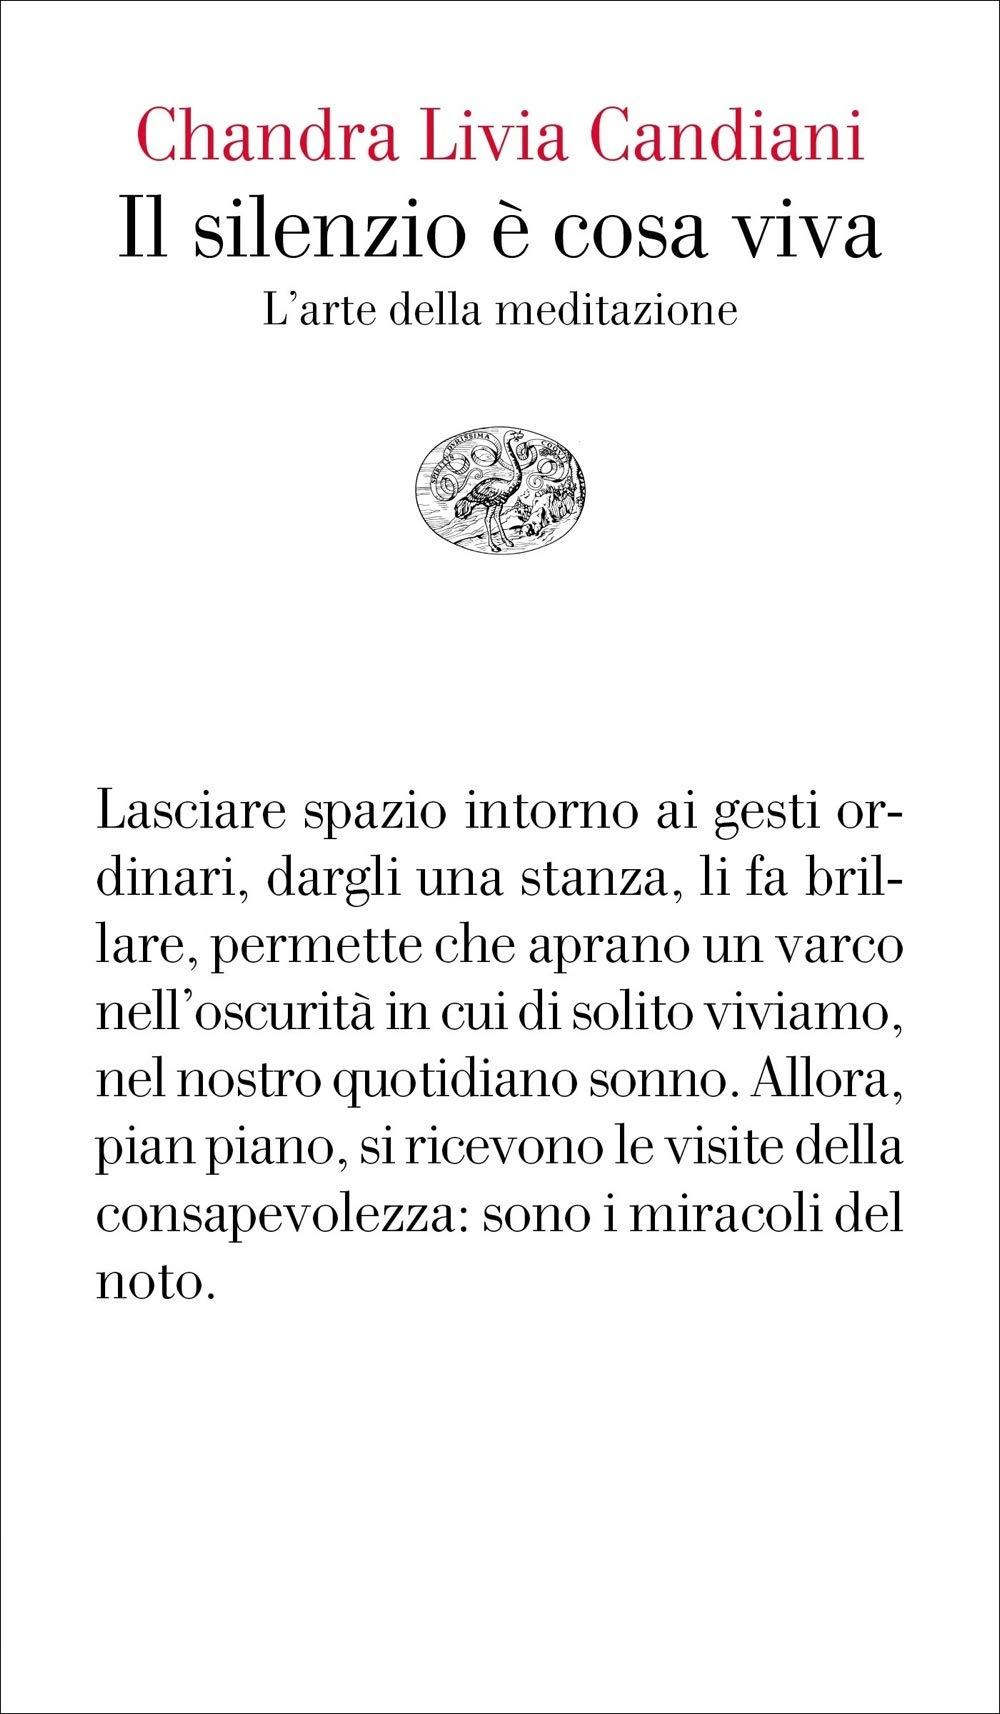 Chandra Livia Candiani - Il silenzio è cosa viva - Einaudi